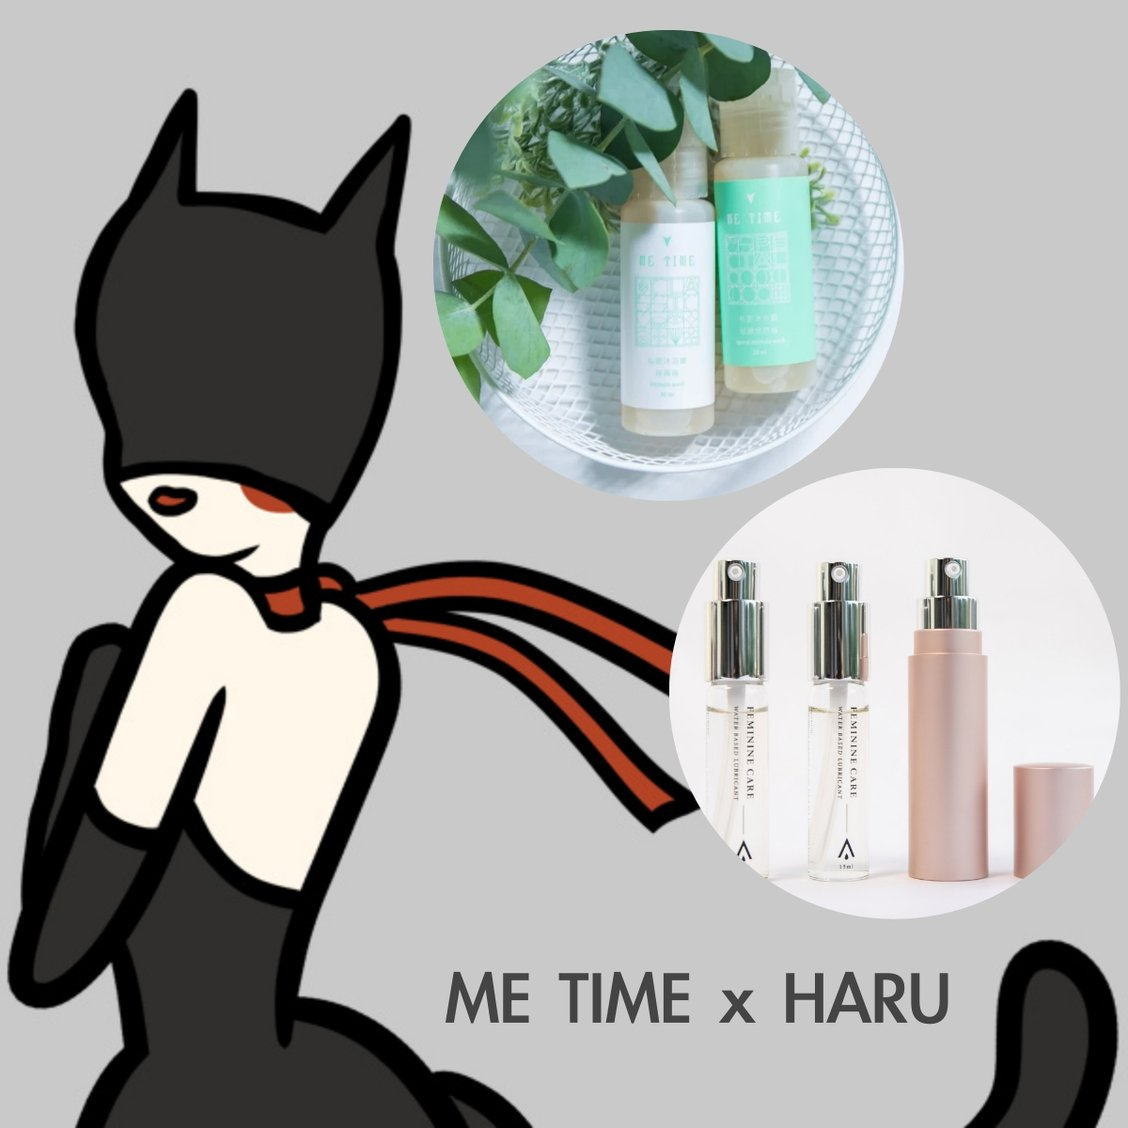 臉紅紅獨家|ME TIME X HARU 熱銷質感旅行組